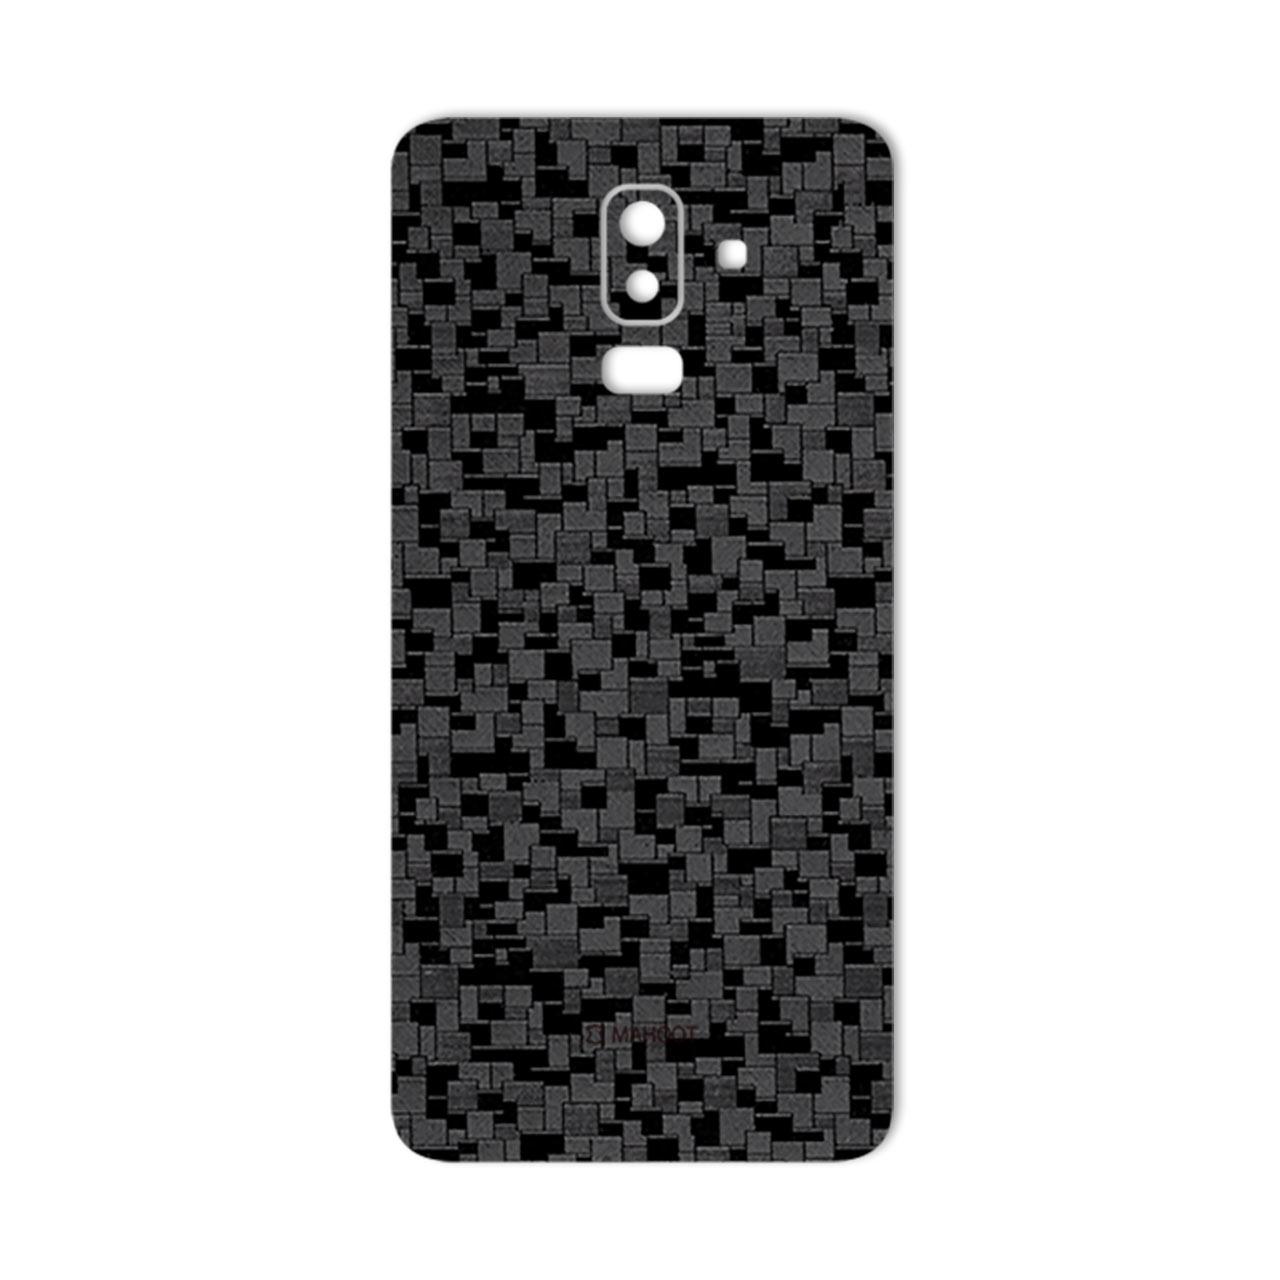 برچسب پوششی ماهوت مدل Silicon Texture مناسب برای گوشی  Samsung J8